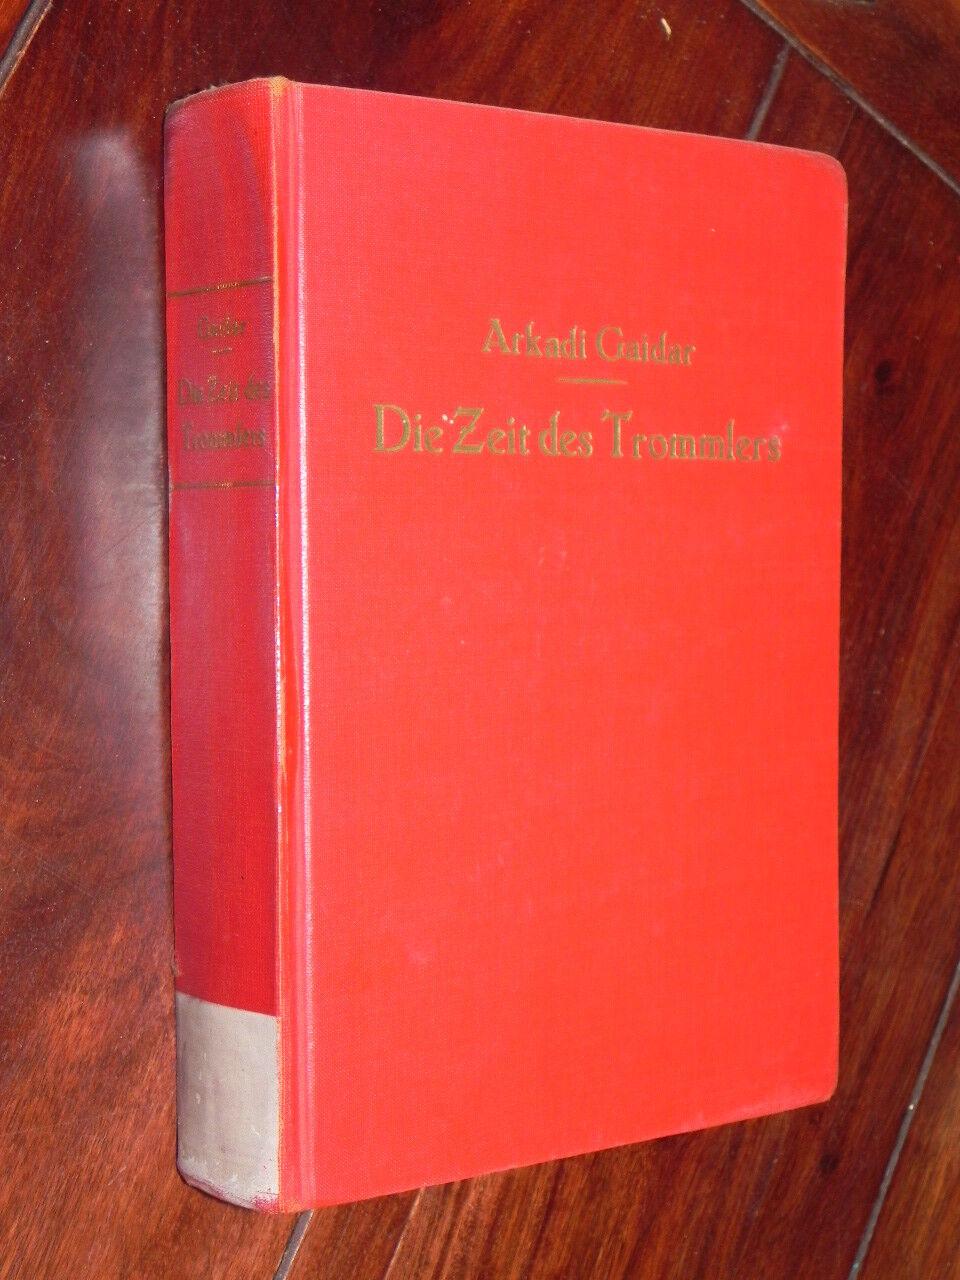 Arkadi Gaidar - Die Zeit des Trommlers (Der Kinderbuchverlag Berlin, DDR, 1969)